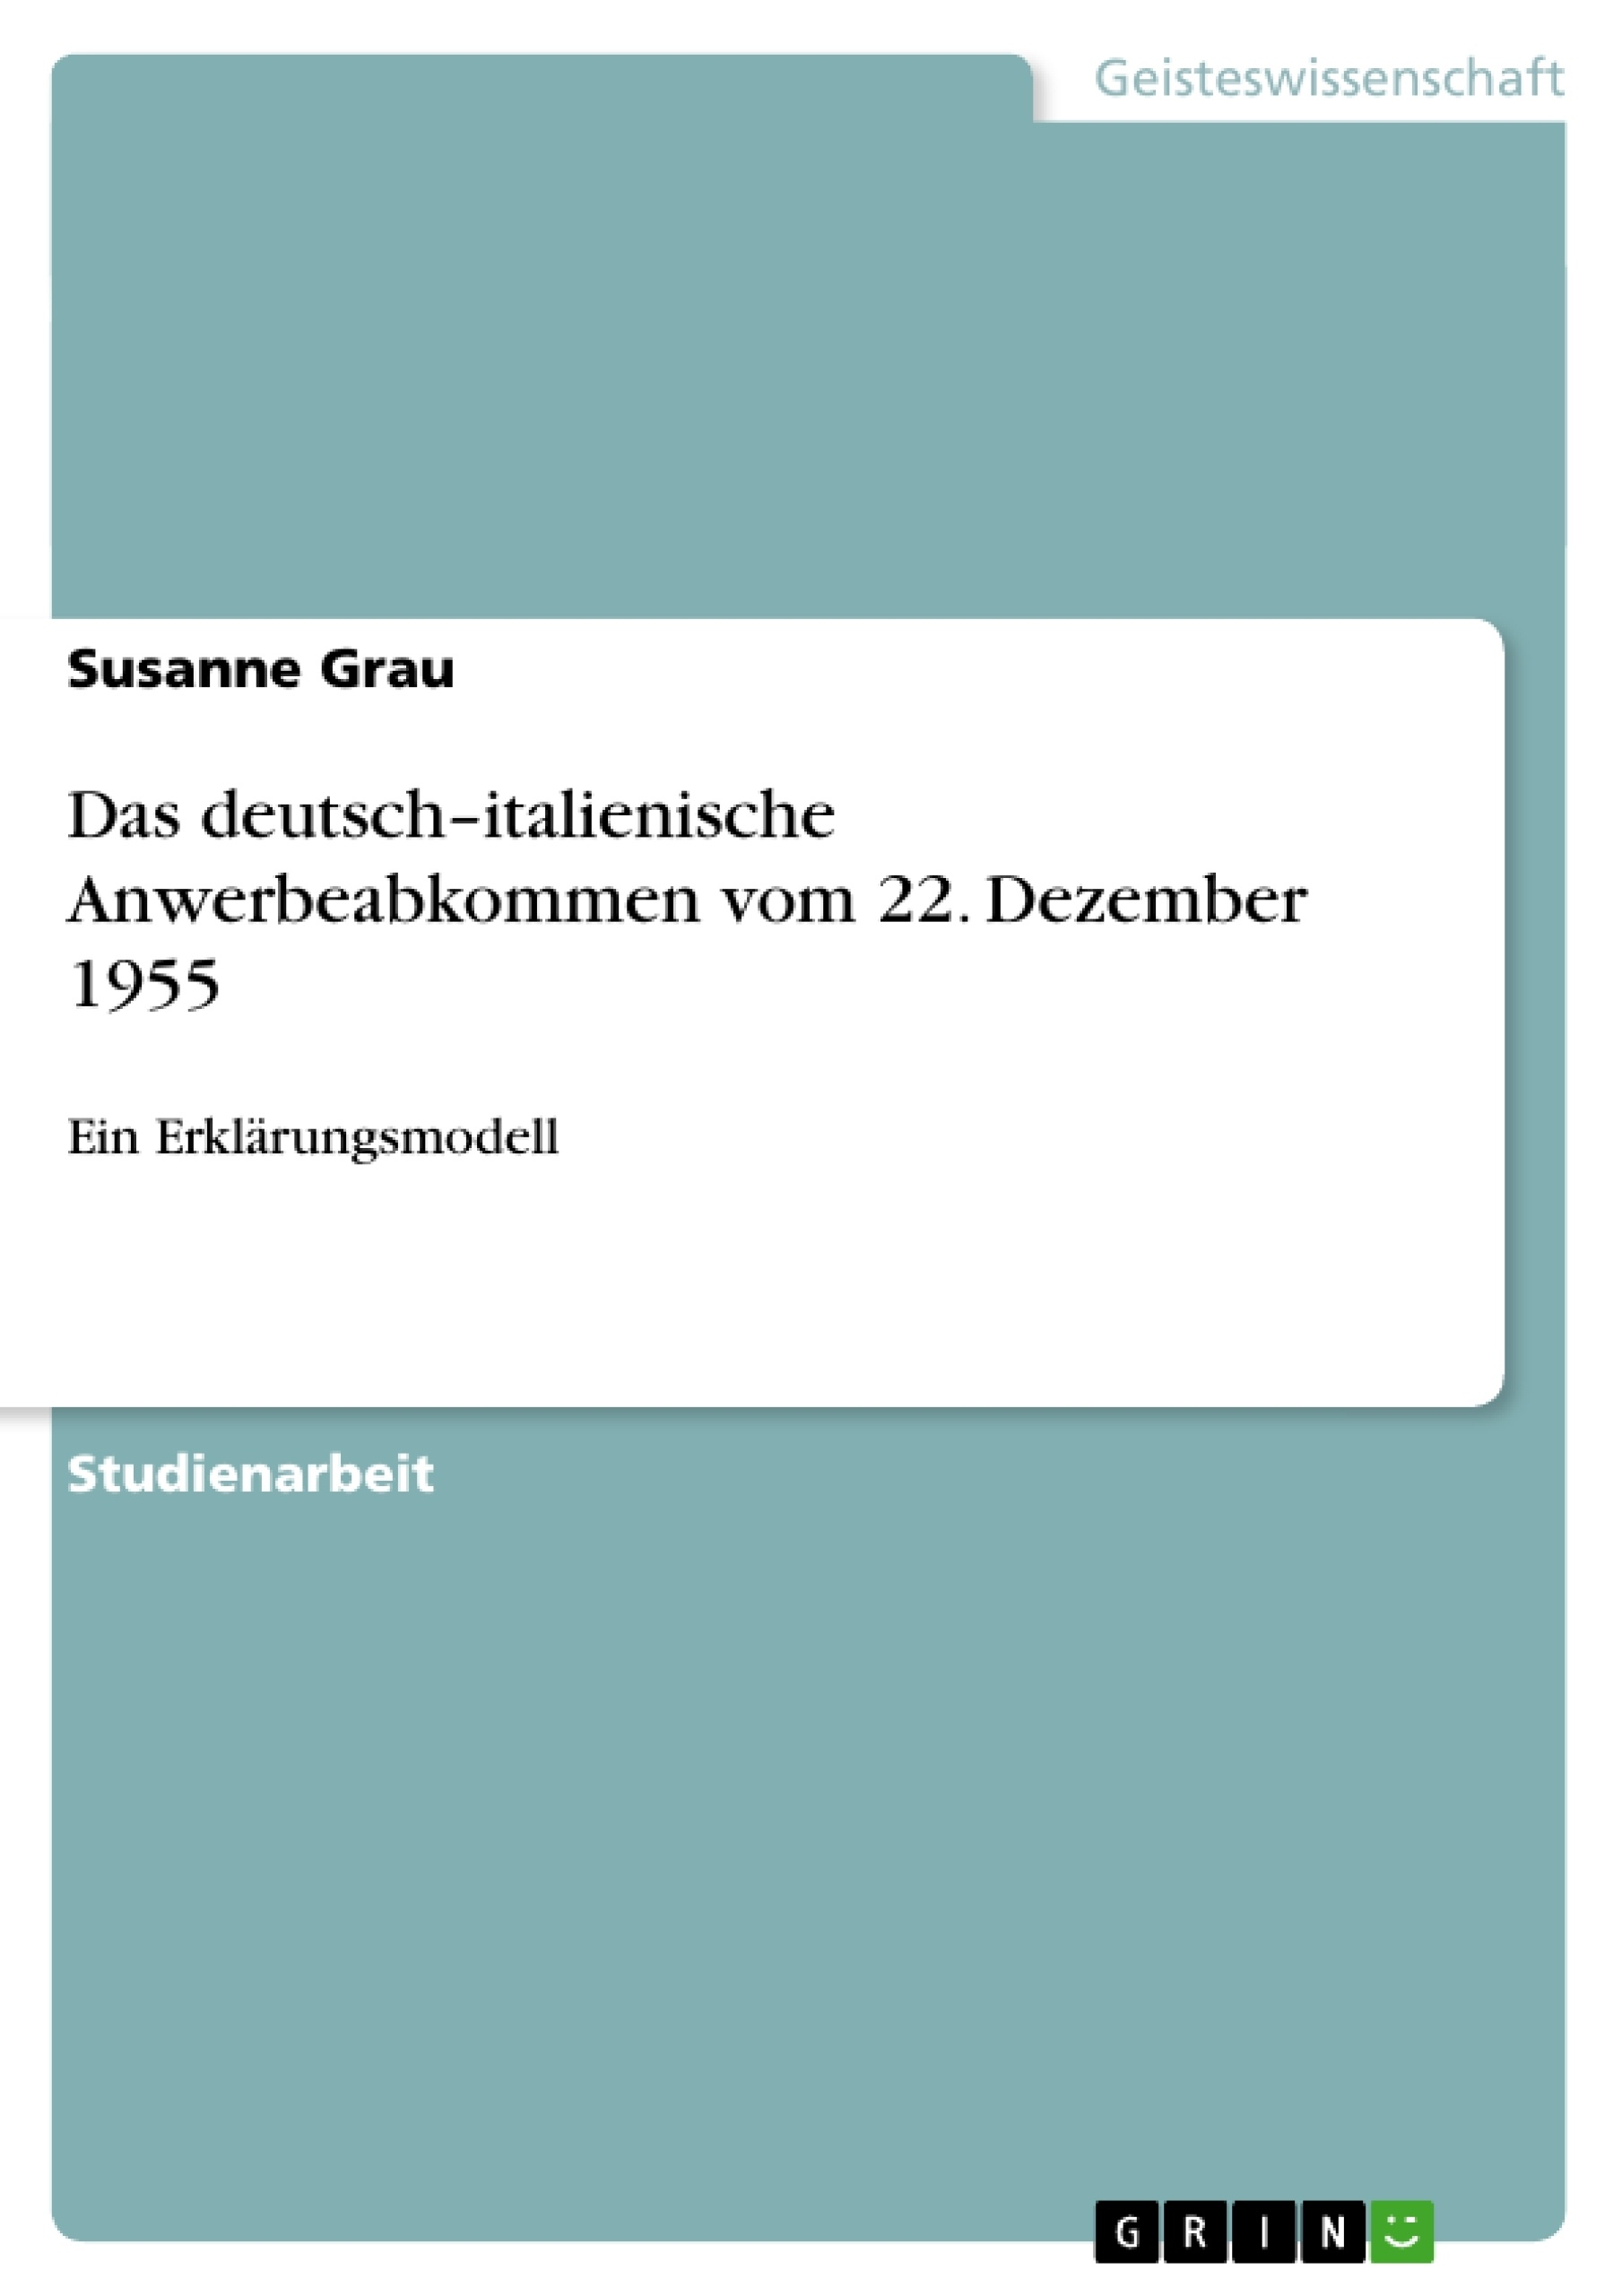 Titel: Das deutsch–italienische Anwerbeabkommen vom 22. Dezember 1955